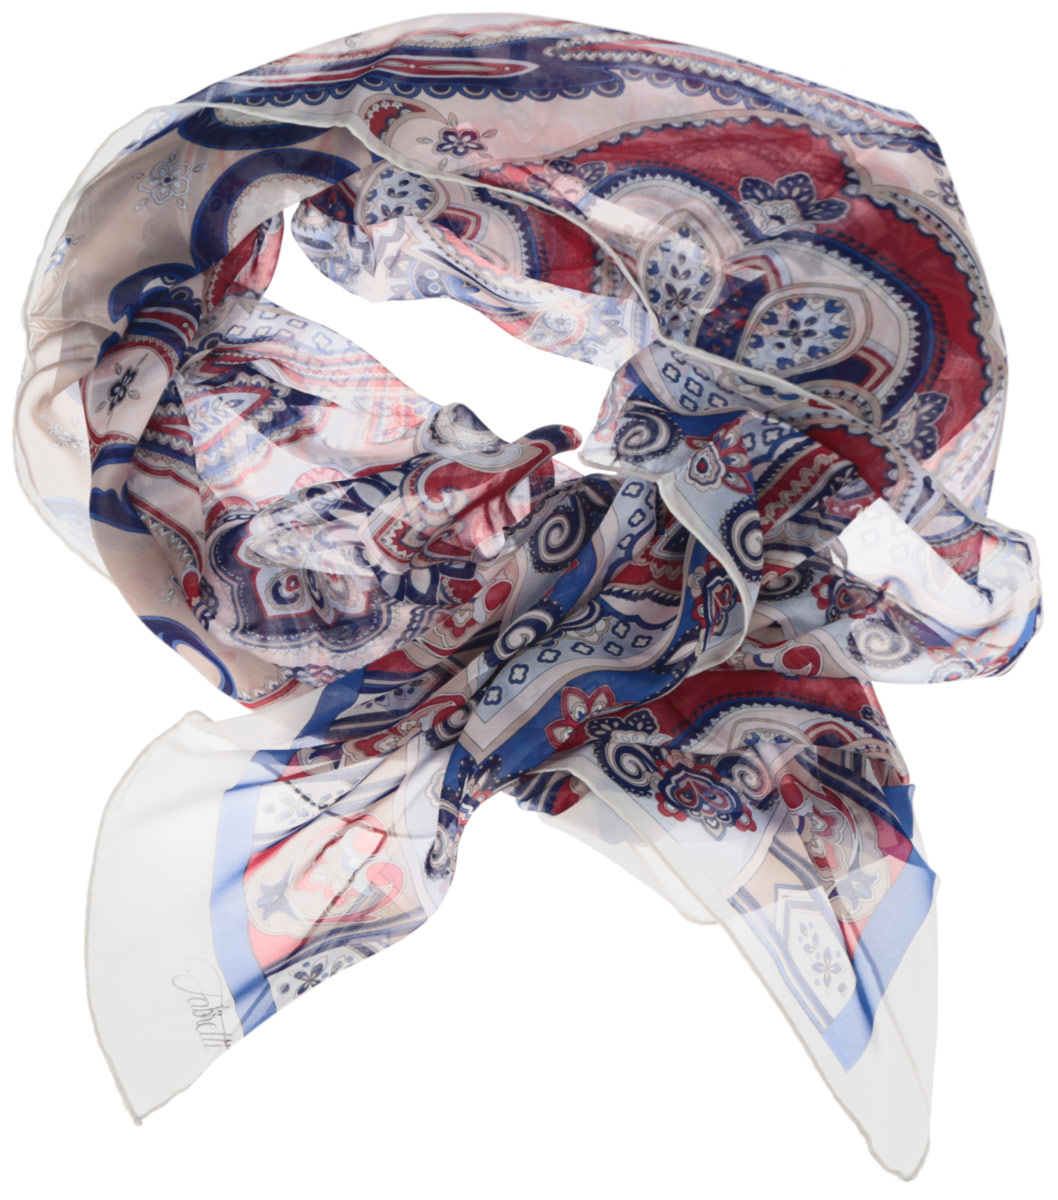 Шарф женский Fabretti, цвет: белый, синий, красный. CX1516-45-8. Размер 180 см х 65 смCX1516-45-8Модный женский шарф Fabretti подарит вам уют и станет стильным аксессуаром, который призван подчеркнуть вашу индивидуальность и женственность. Тонкий шарф выполнен из высококачественного шелка, он невероятно мягкий и приятный на ощупь. Шарф оформлен принтом с оригинальным этническим орнаментом.Этот модный аксессуар гармонично дополнит образ современной женщины, следящей за своим имиджем и стремящейся всегда оставаться стильной и элегантной. Такой шарф украсит любой наряд и согреет вас в непогоду, с ним вы всегда будете выглядеть изысканно и оригинально.